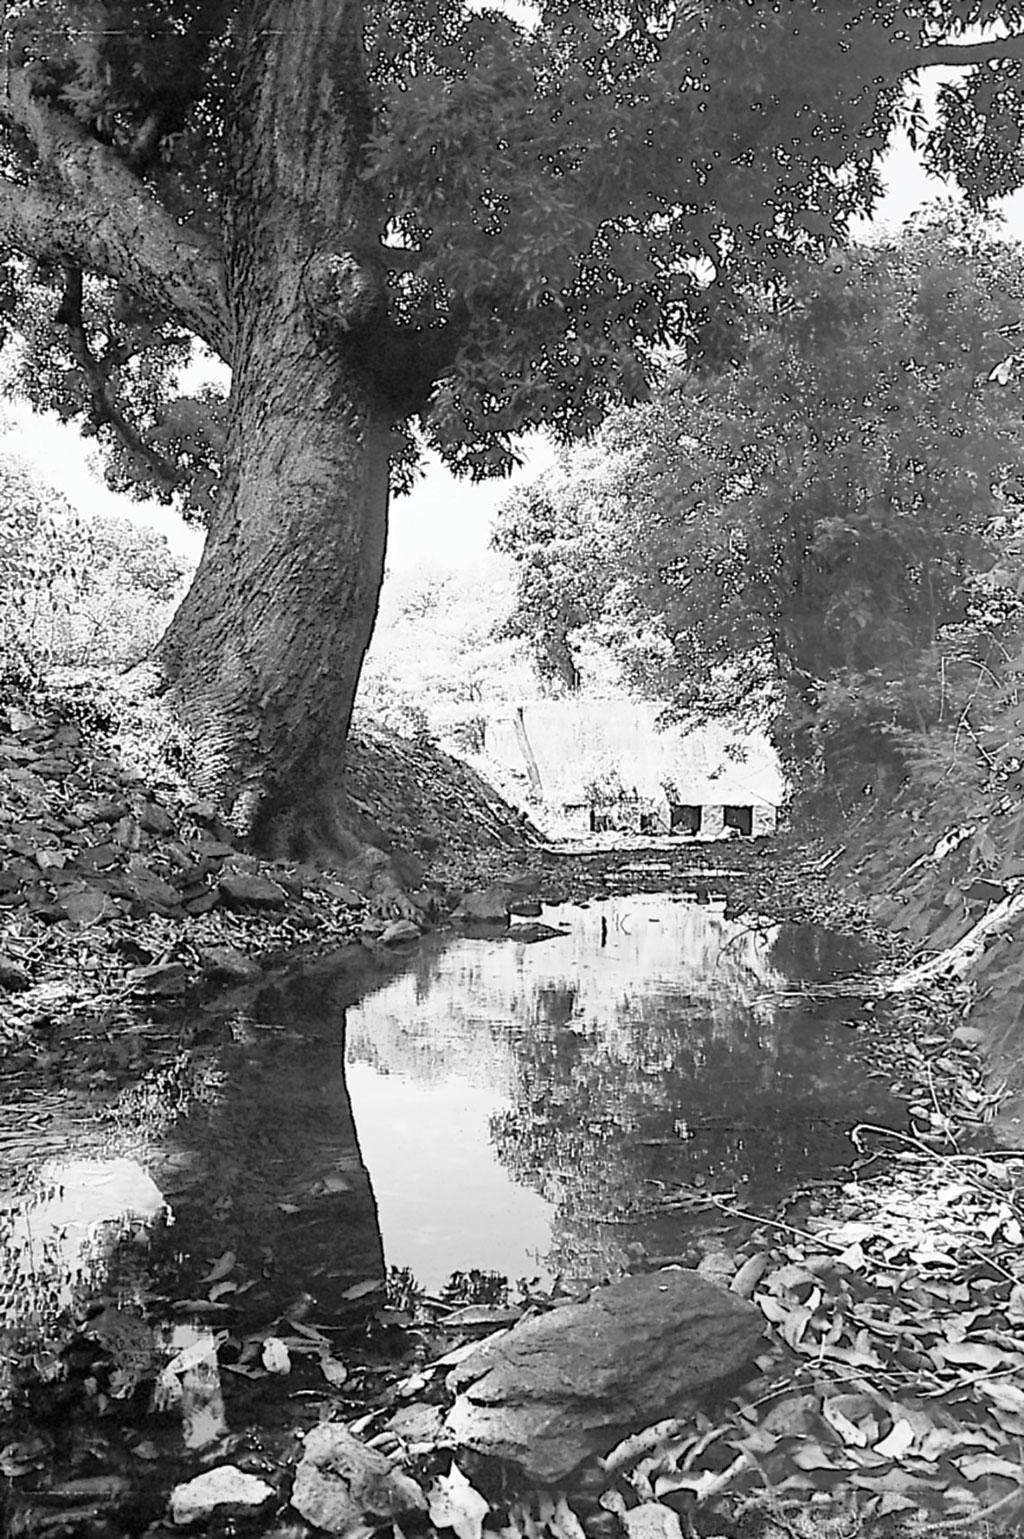 चिकमगलूर जिले में मड़गकेरे से निकलती नहर (भास्कर राव / सीएसई)